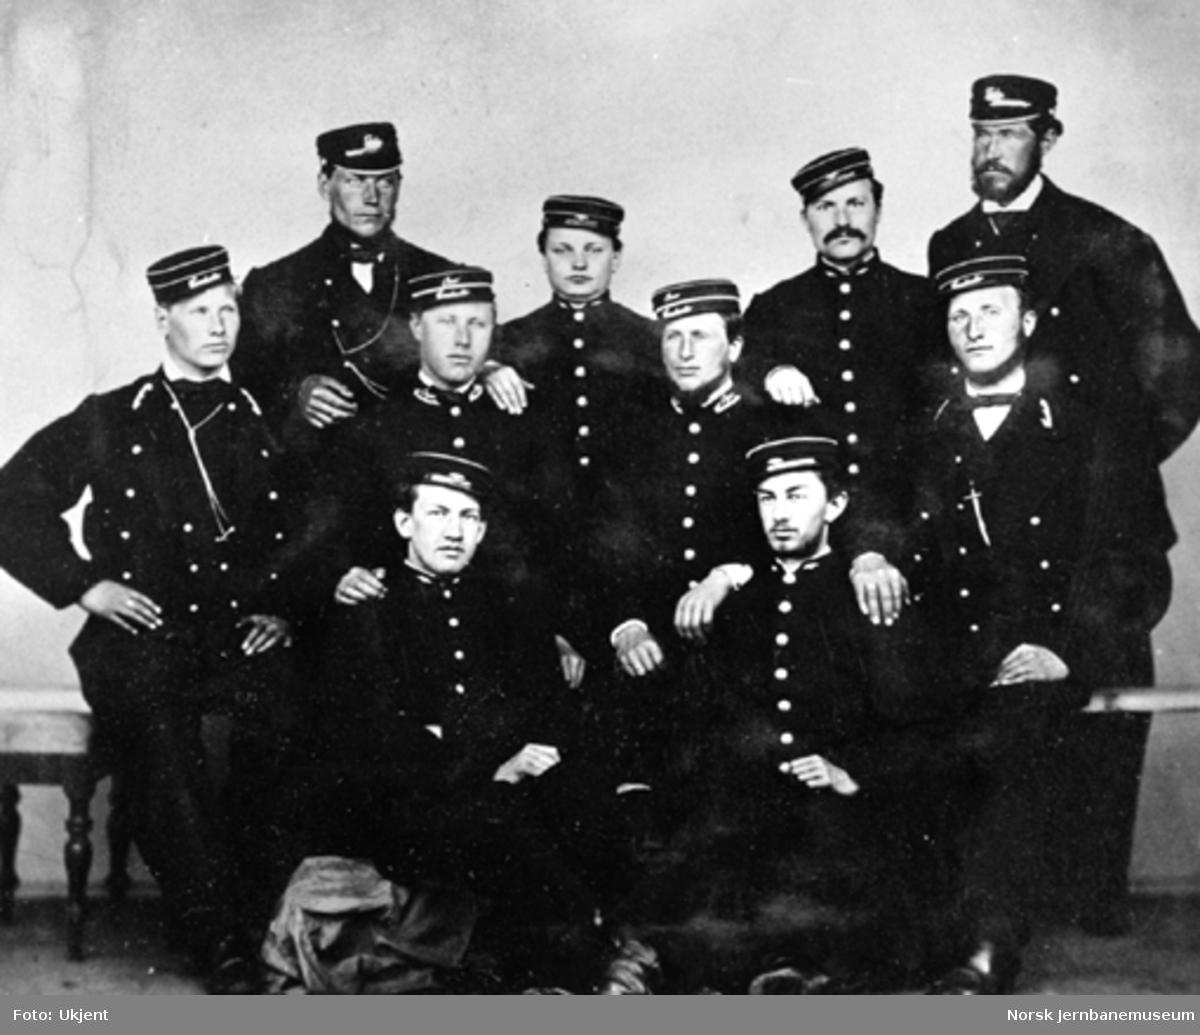 Gruppebilde av ti uniformerte jernbaneansatte fra Størenbanen med forskjellige uniformer og luer